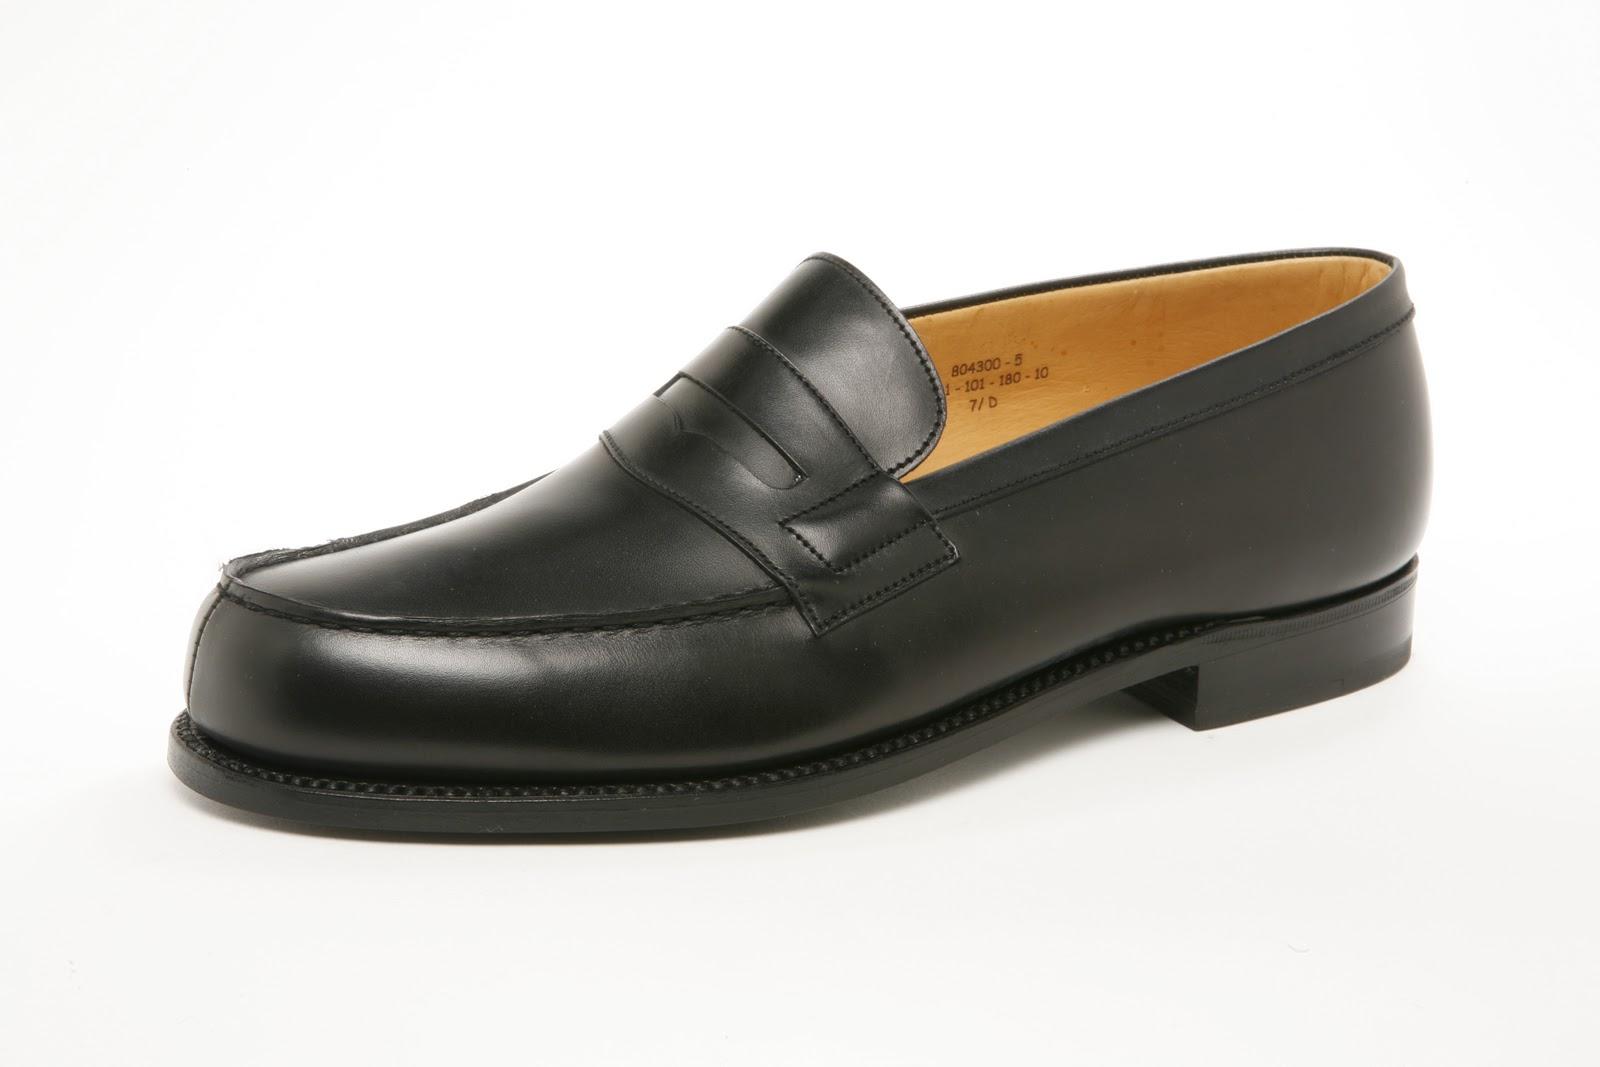 weston chaussures on vous donne un max d 39 infos dans cet article. Black Bedroom Furniture Sets. Home Design Ideas